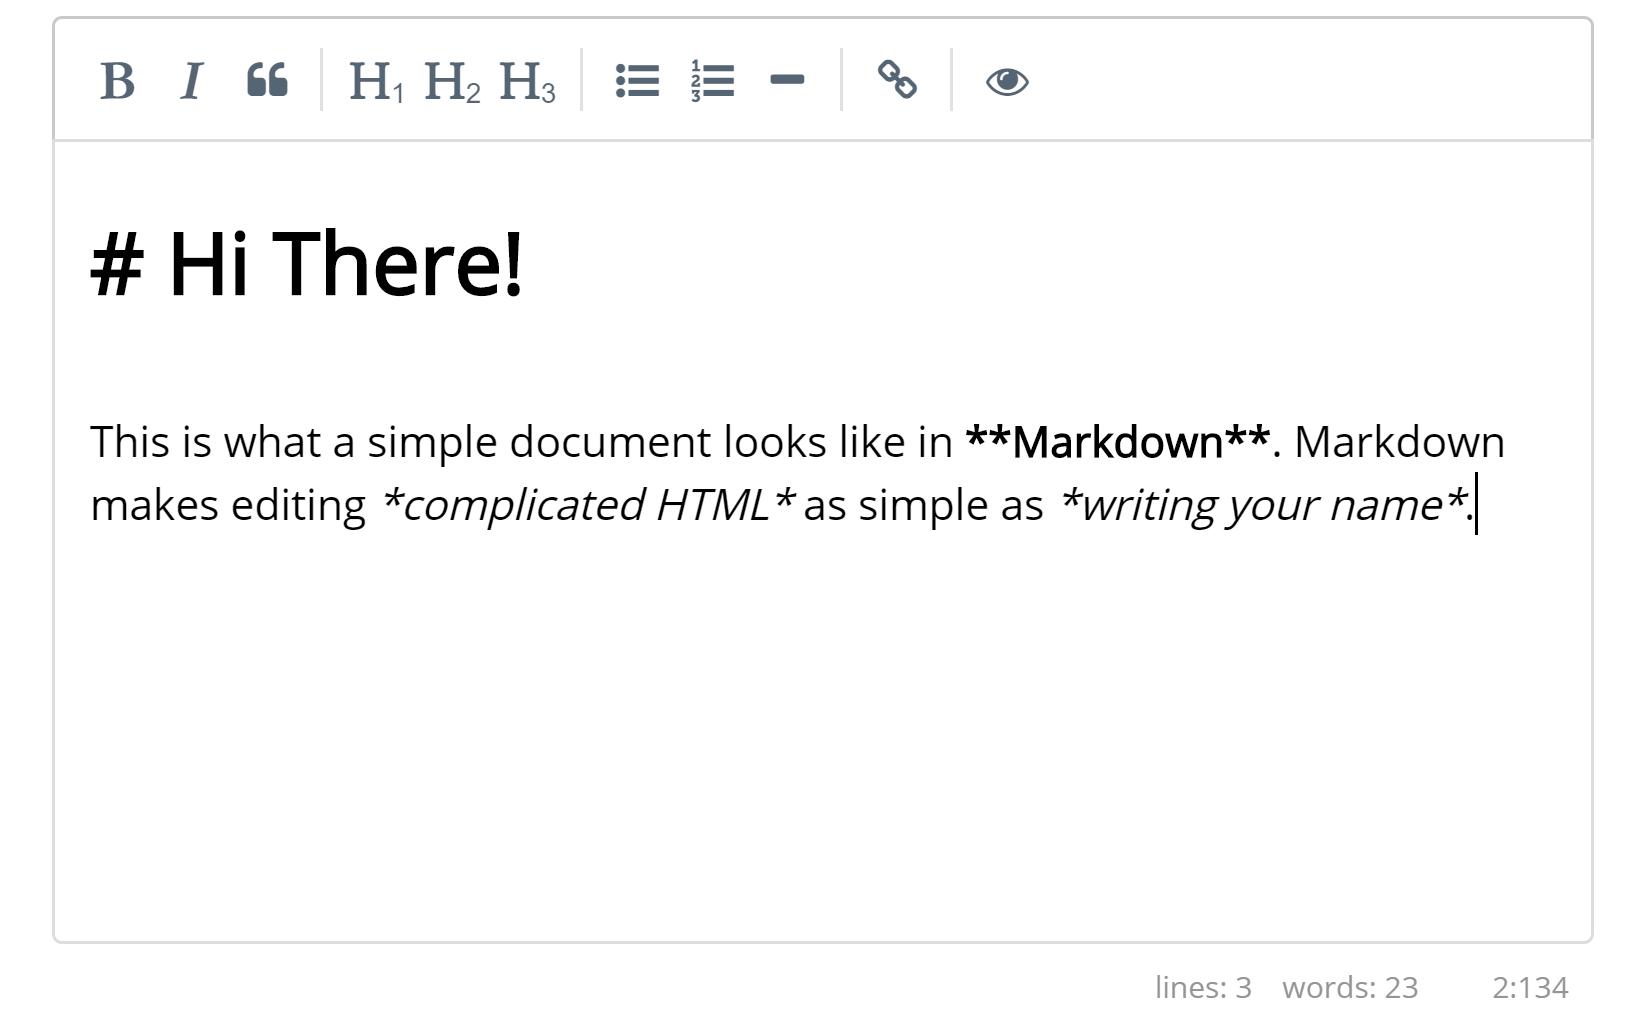 Επεξεργασία σε HTML Markdown